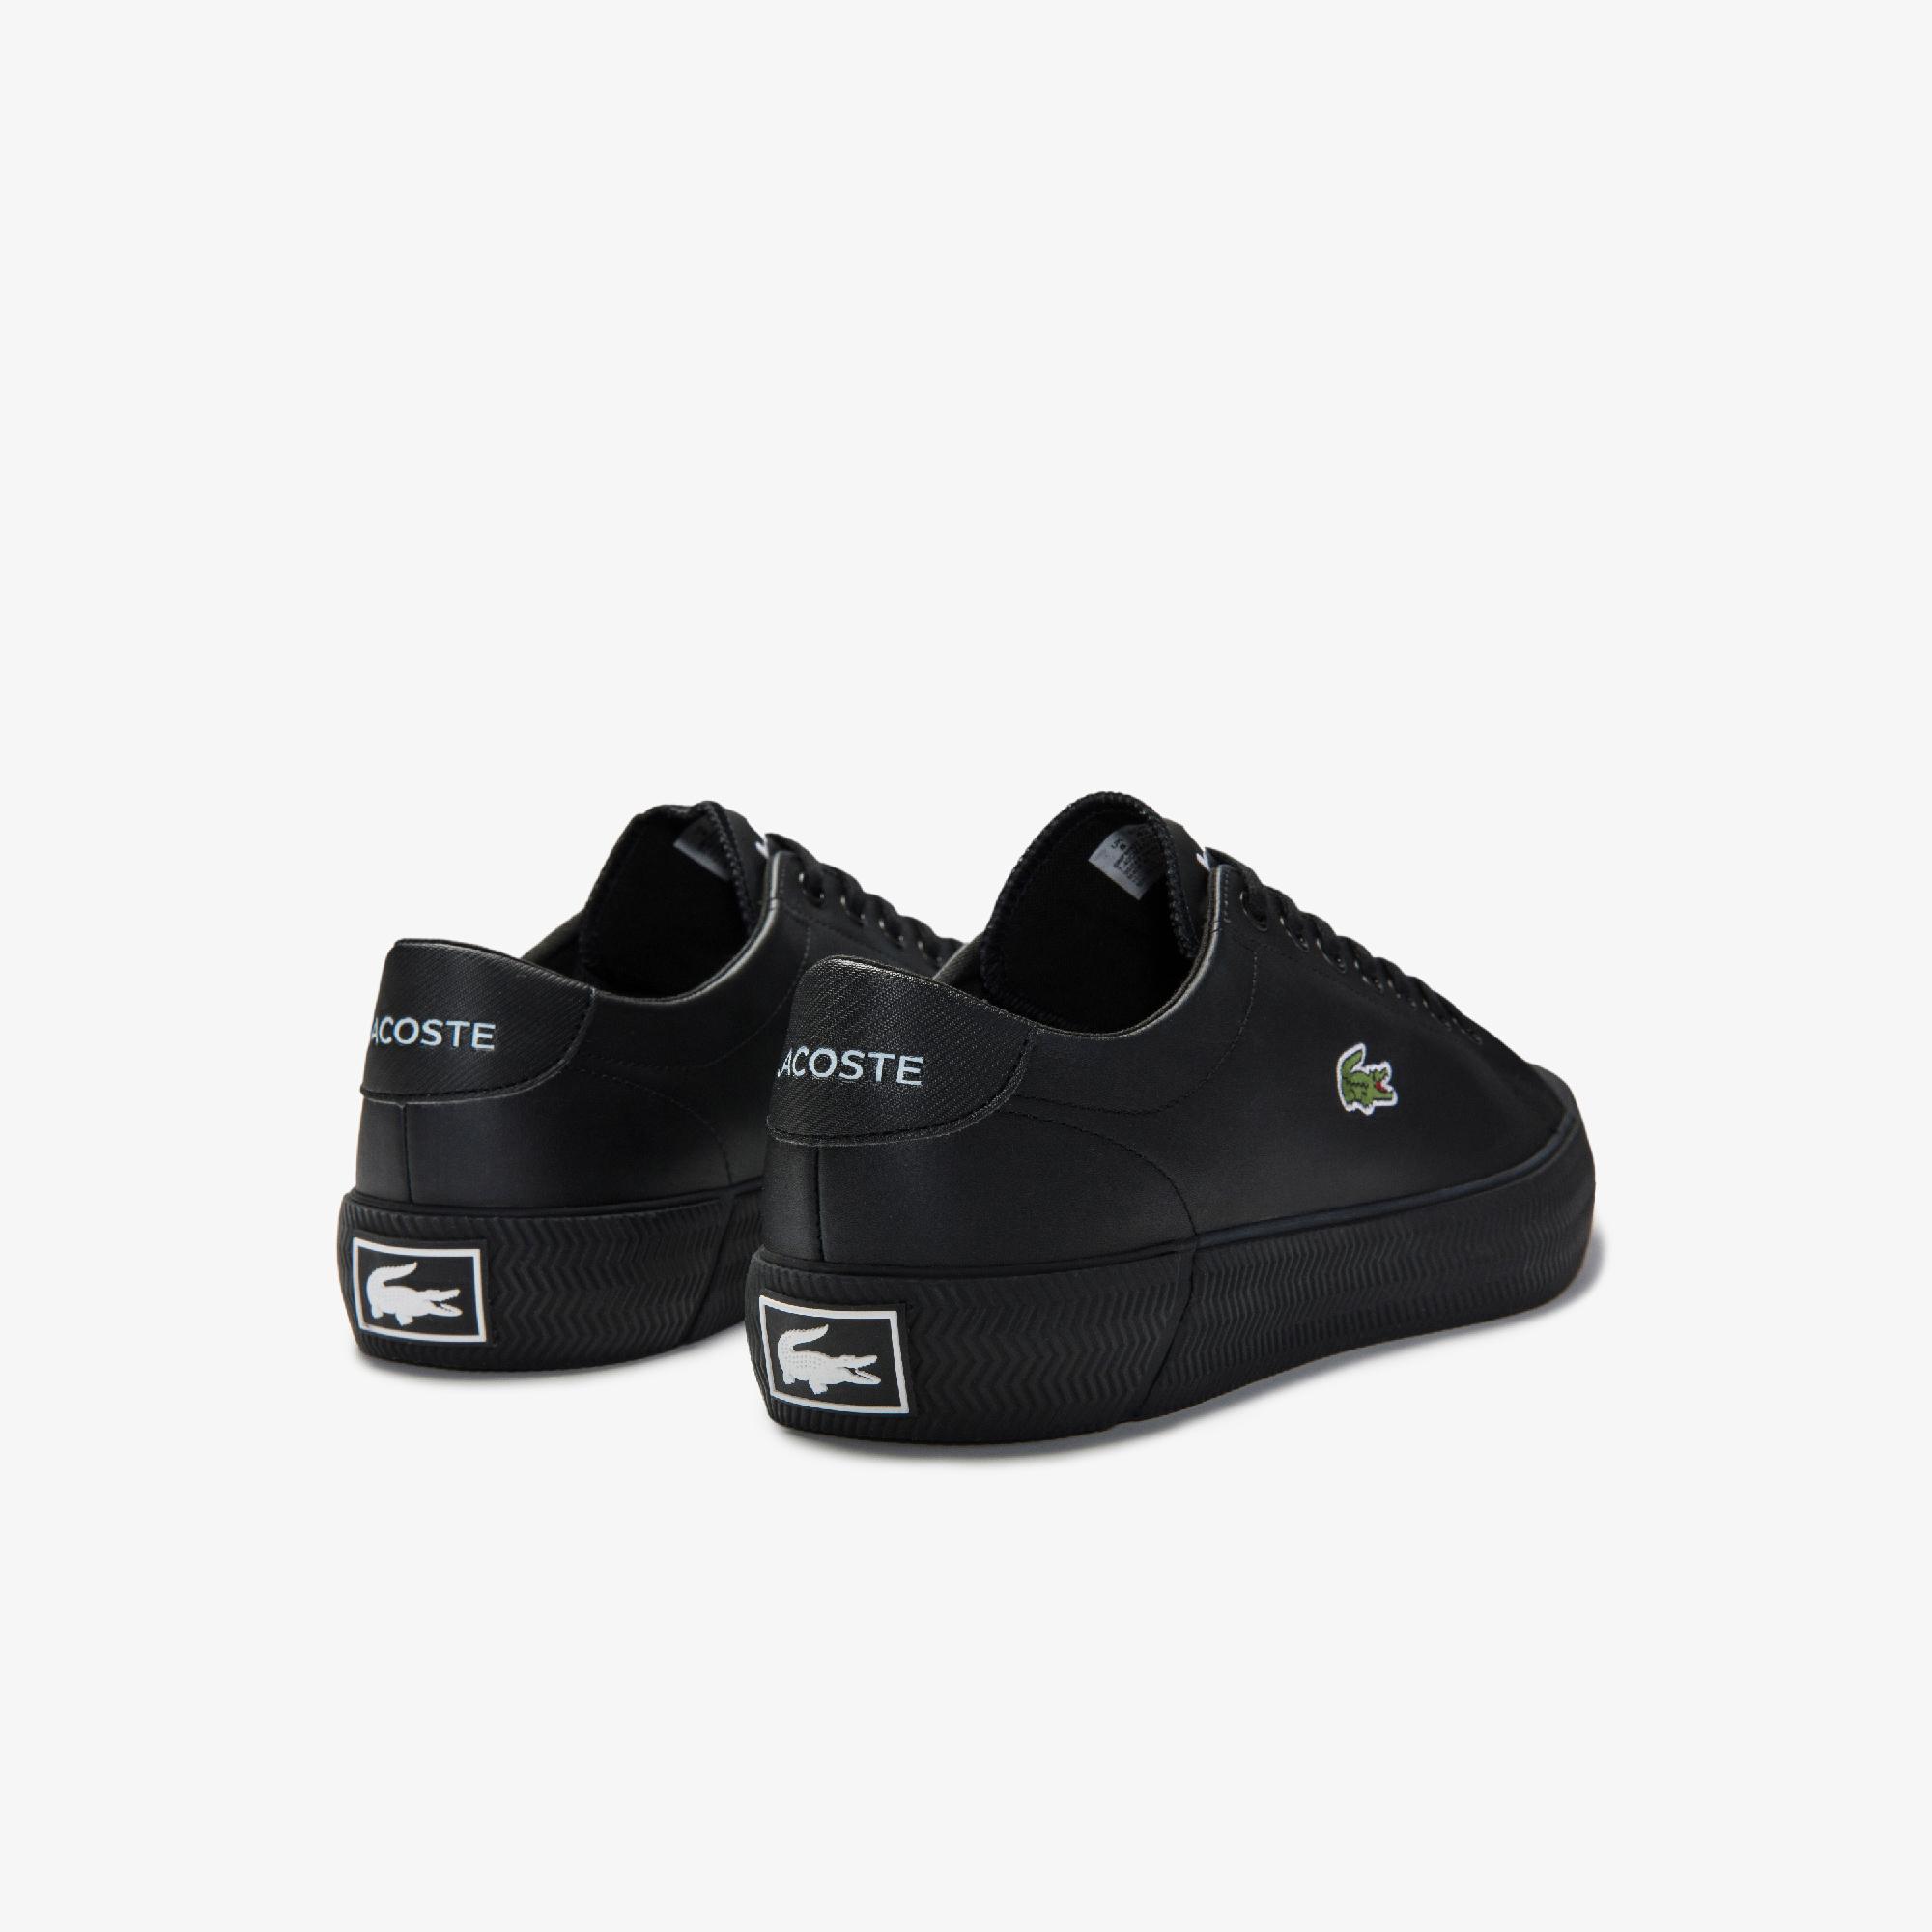 Lacoste кросівки чоловічі Gripshot